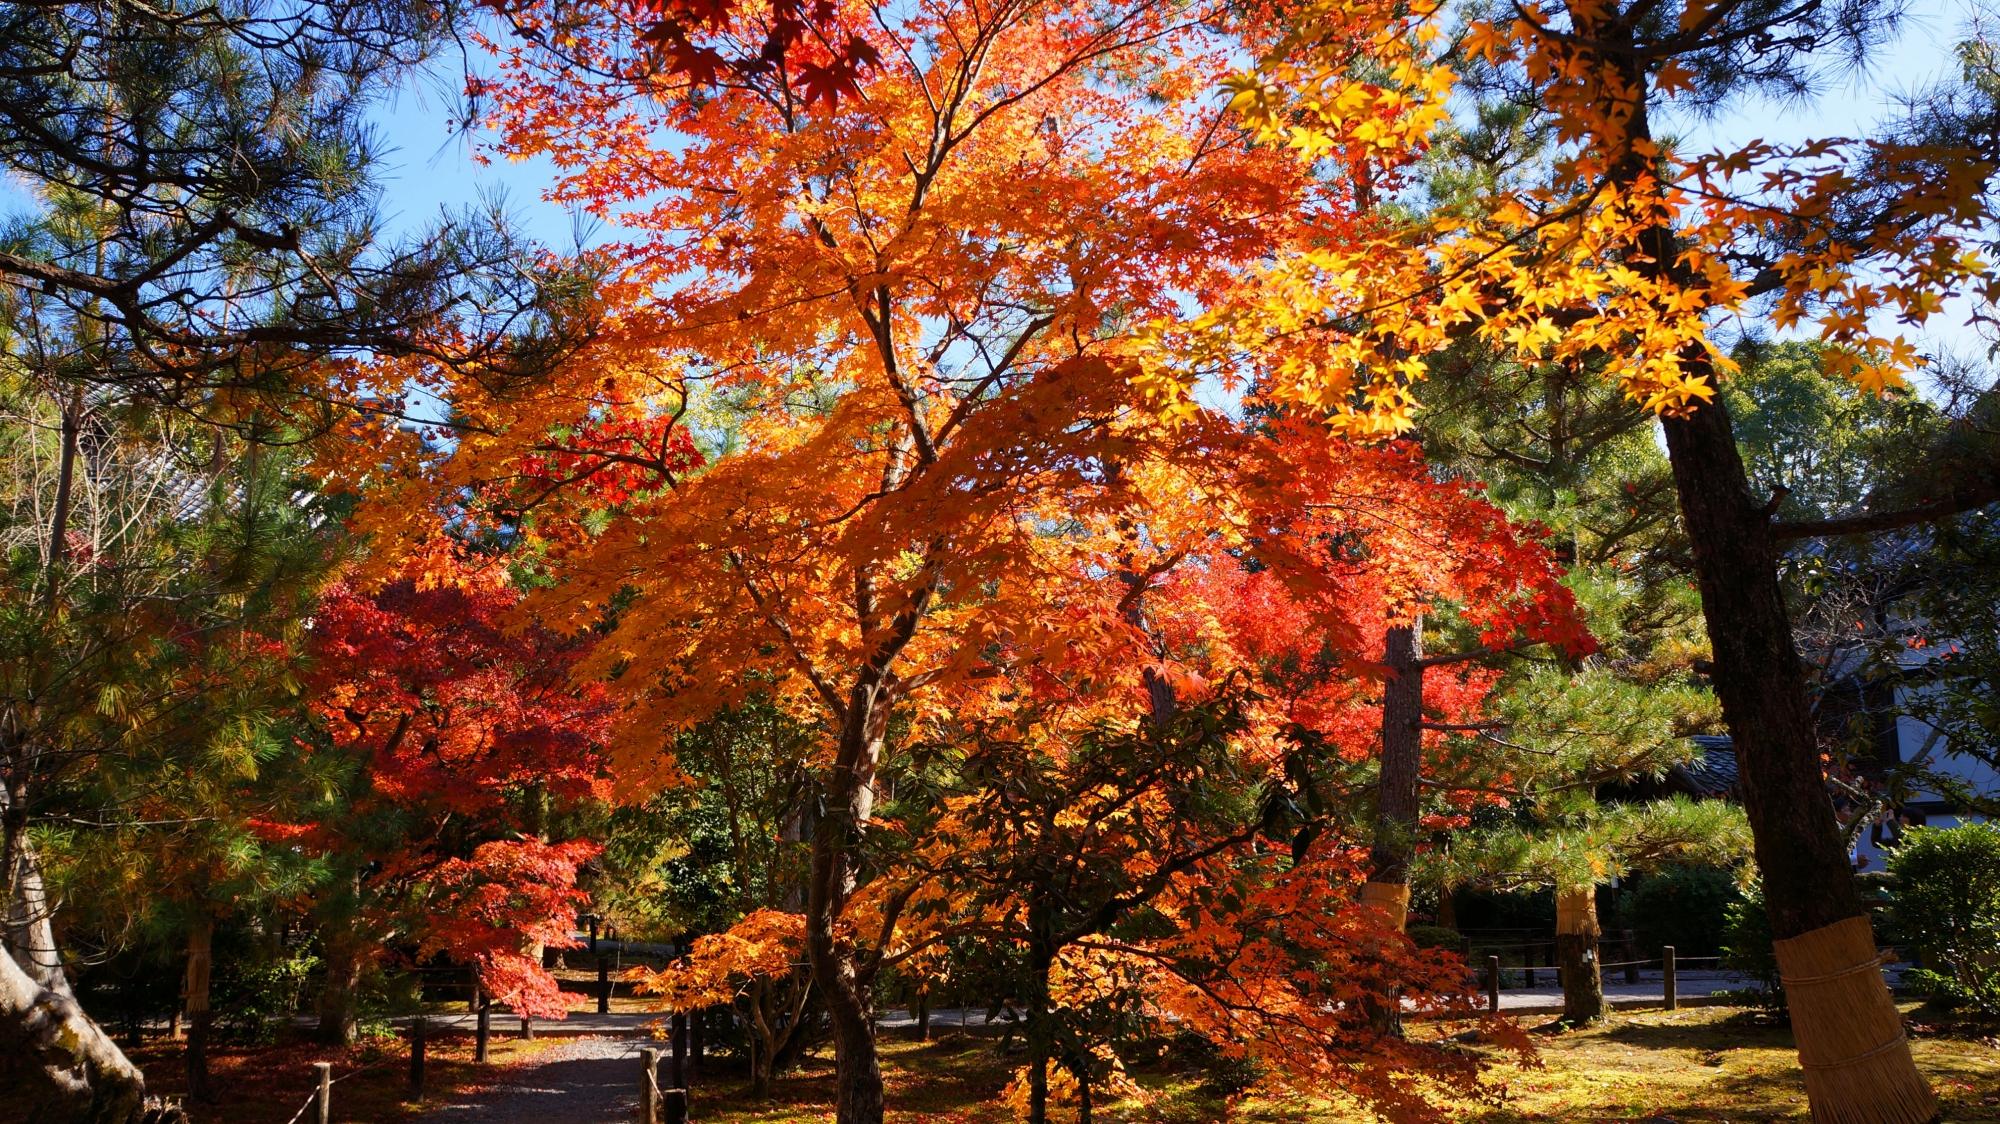 広がる華やかな紅葉の空間